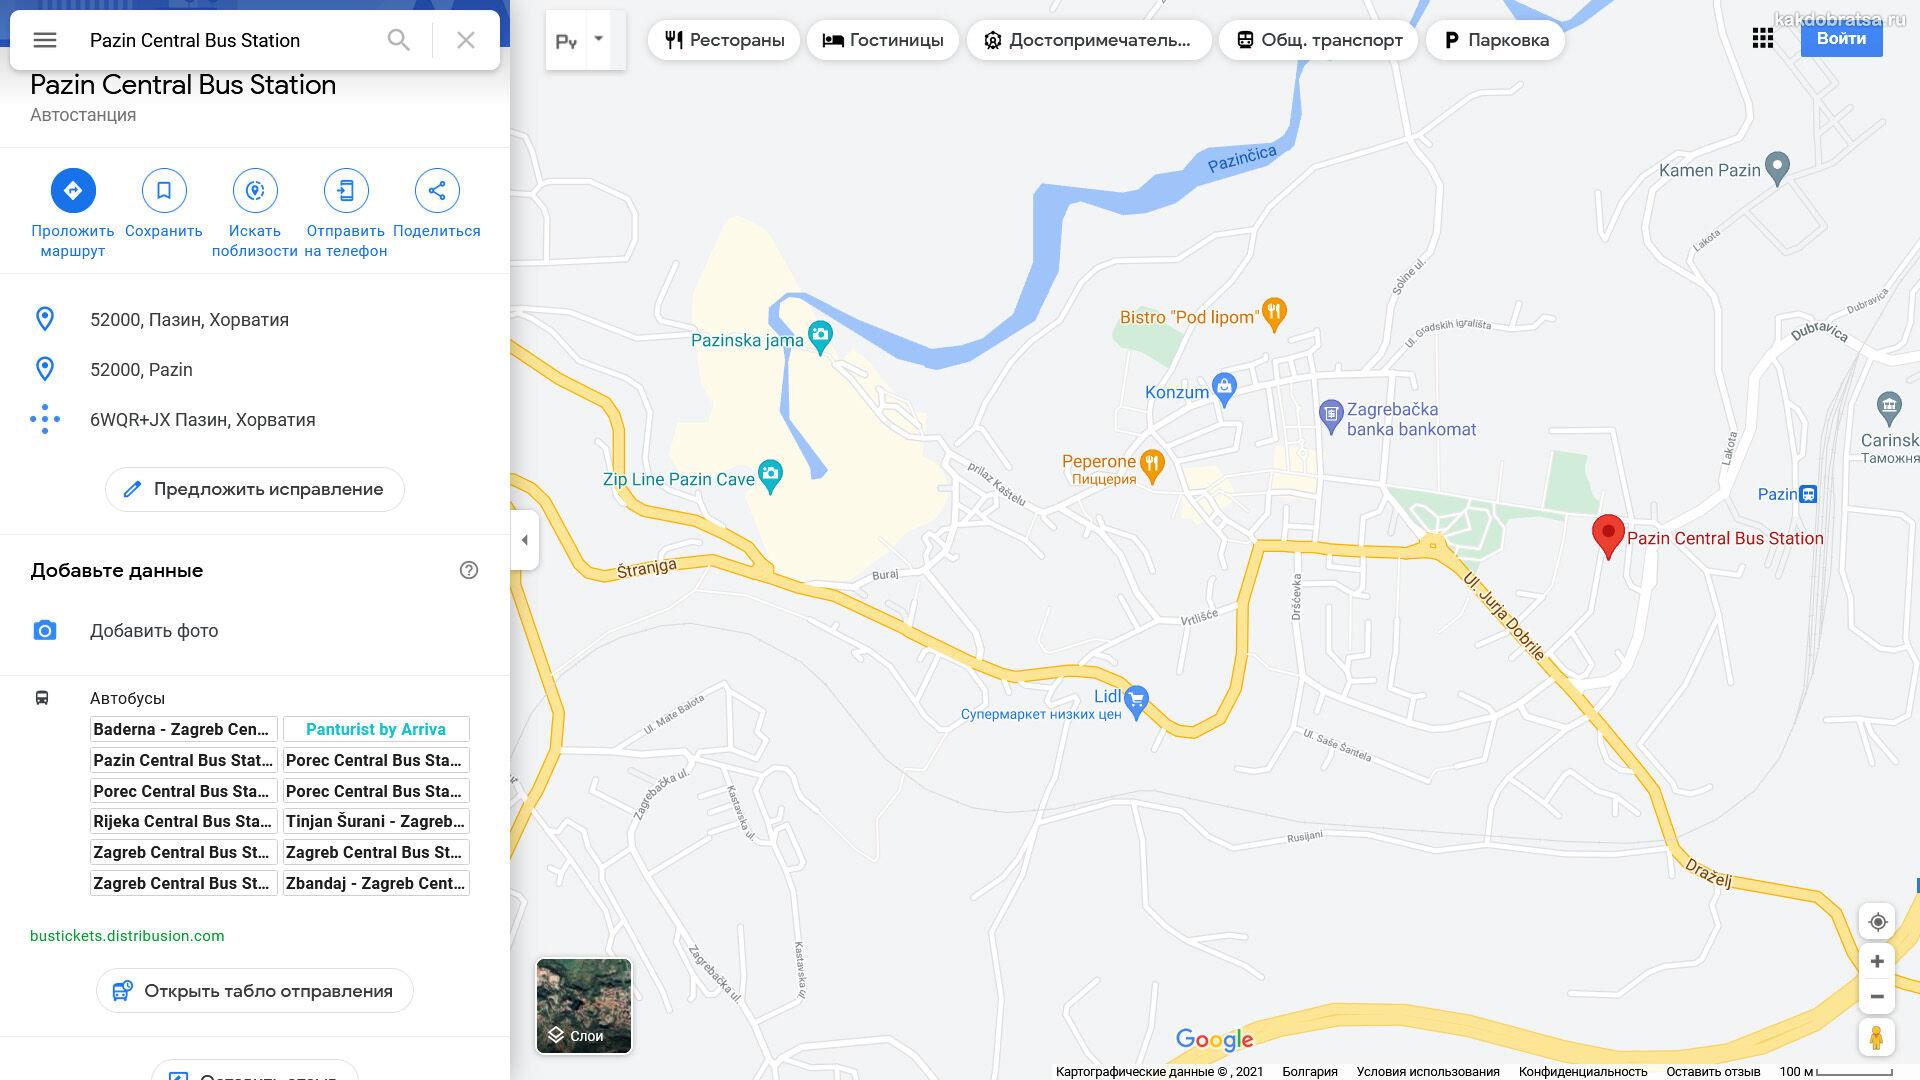 Пазин автовокзал адрес и где находится на карте точка